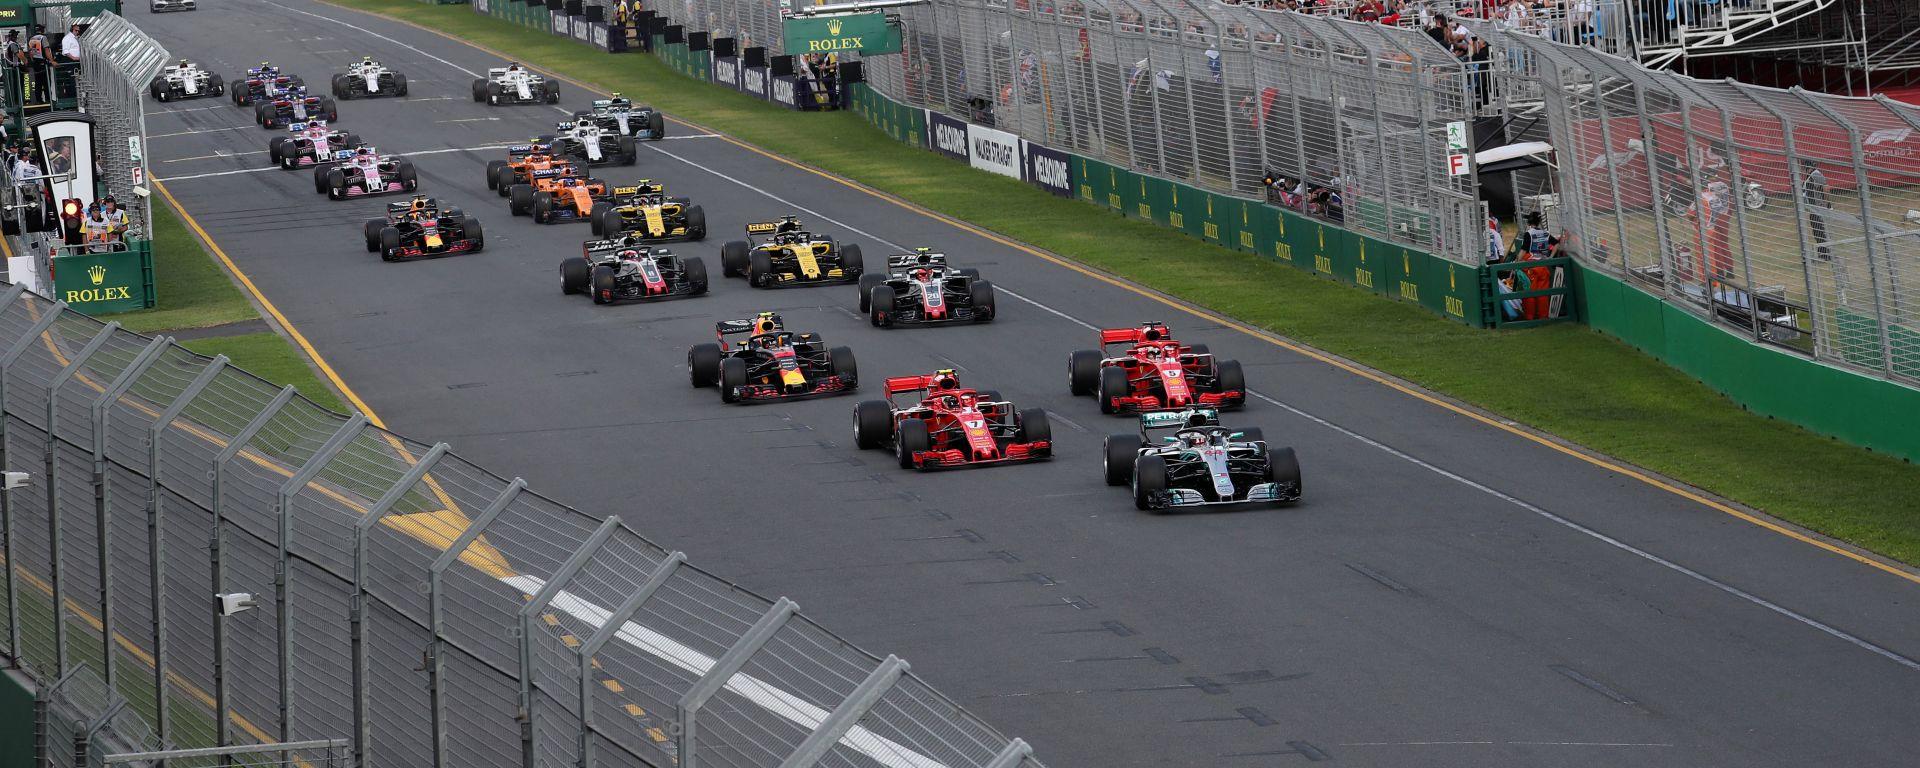 F1, la partenza del Gran Premio d'Australia 2018